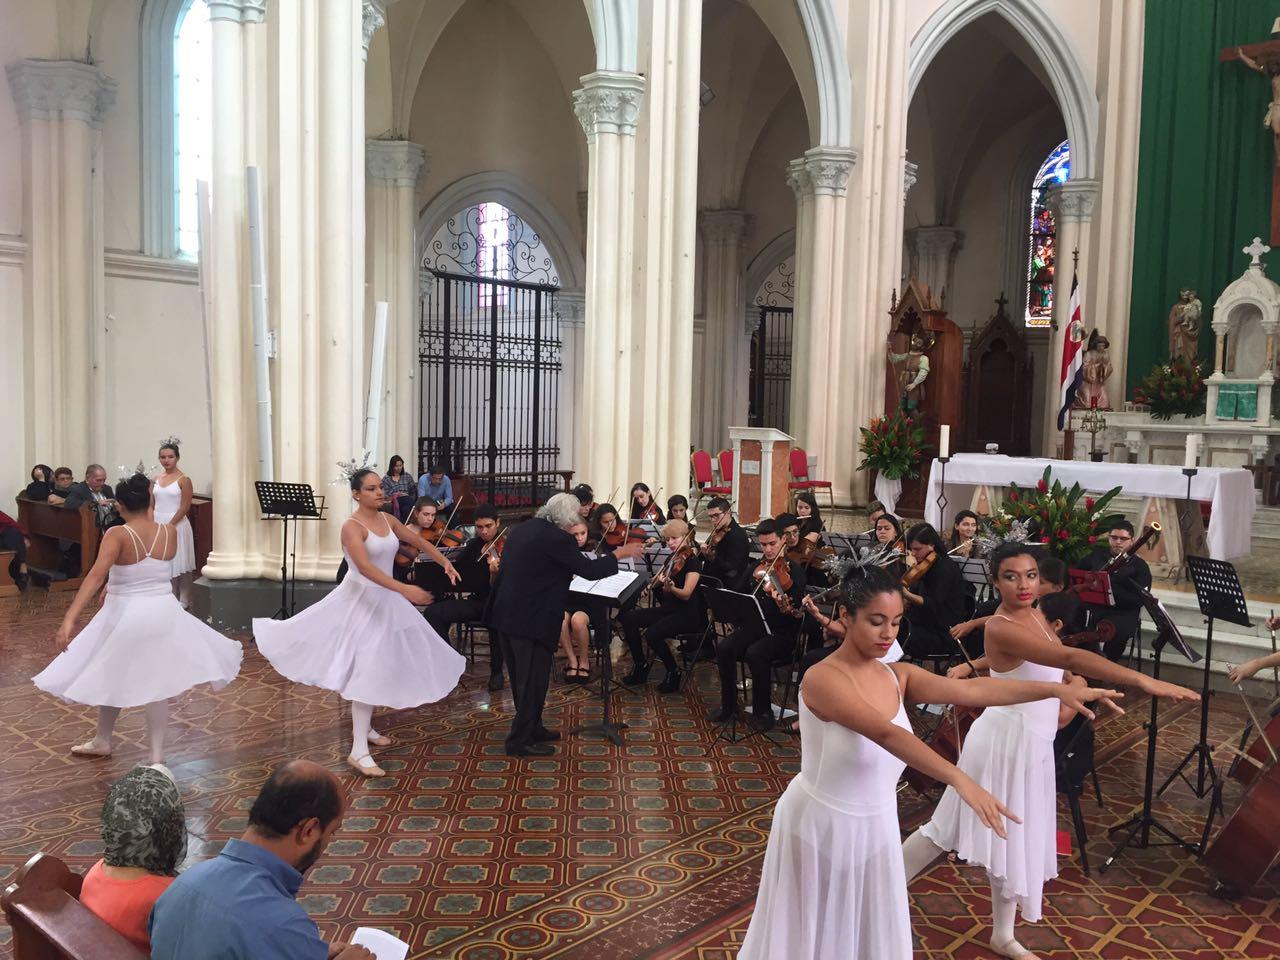 Orquesta Juvenil EMAI y Elenco Estable (danza) EMAI